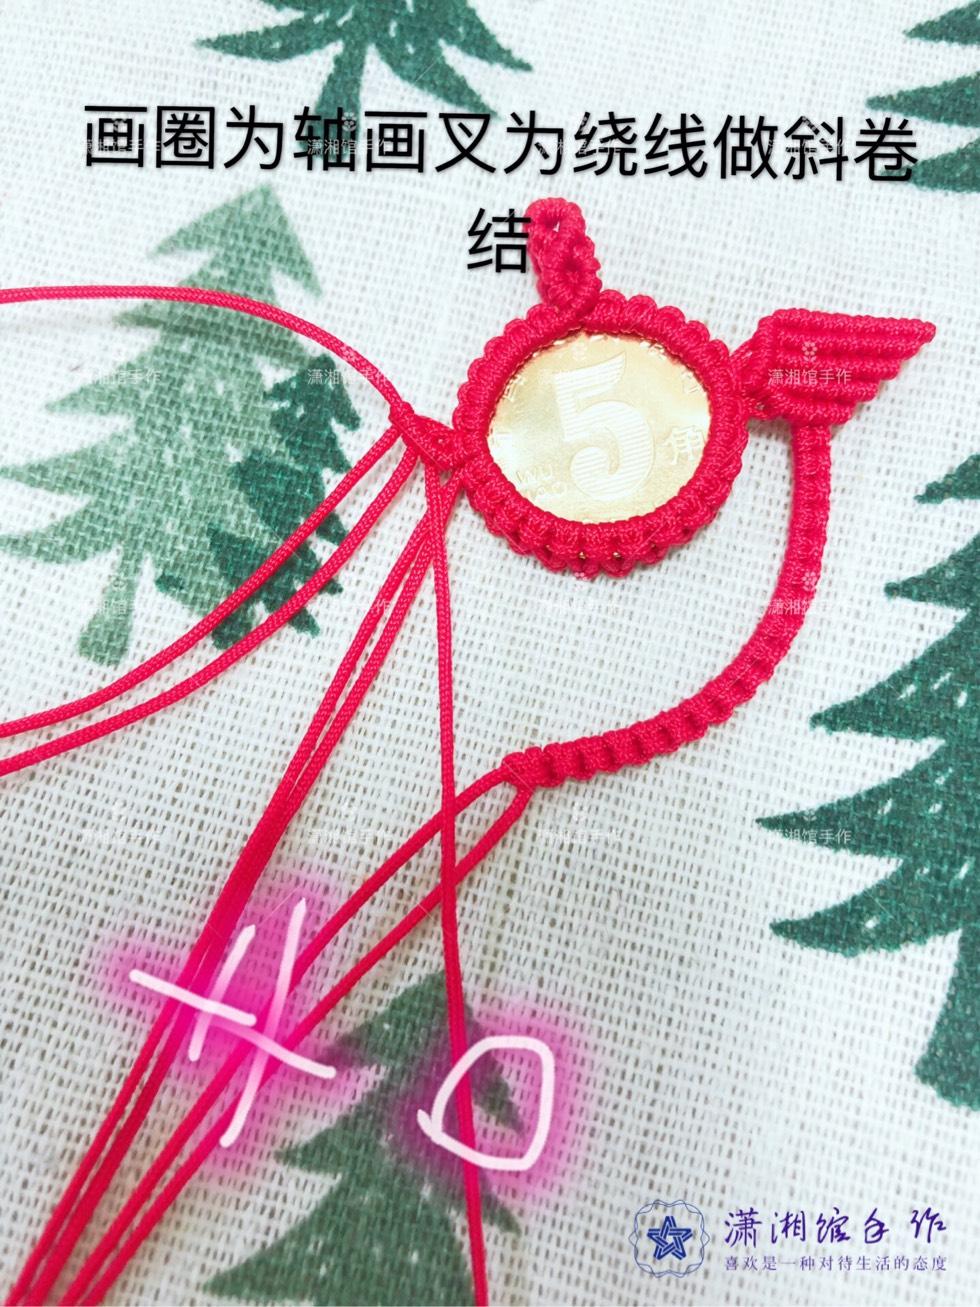 中国结论坛 硬币挂件天使翅膀钥匙扣教程  图文教程区 170145zd7pg3ga3ogvy5vz